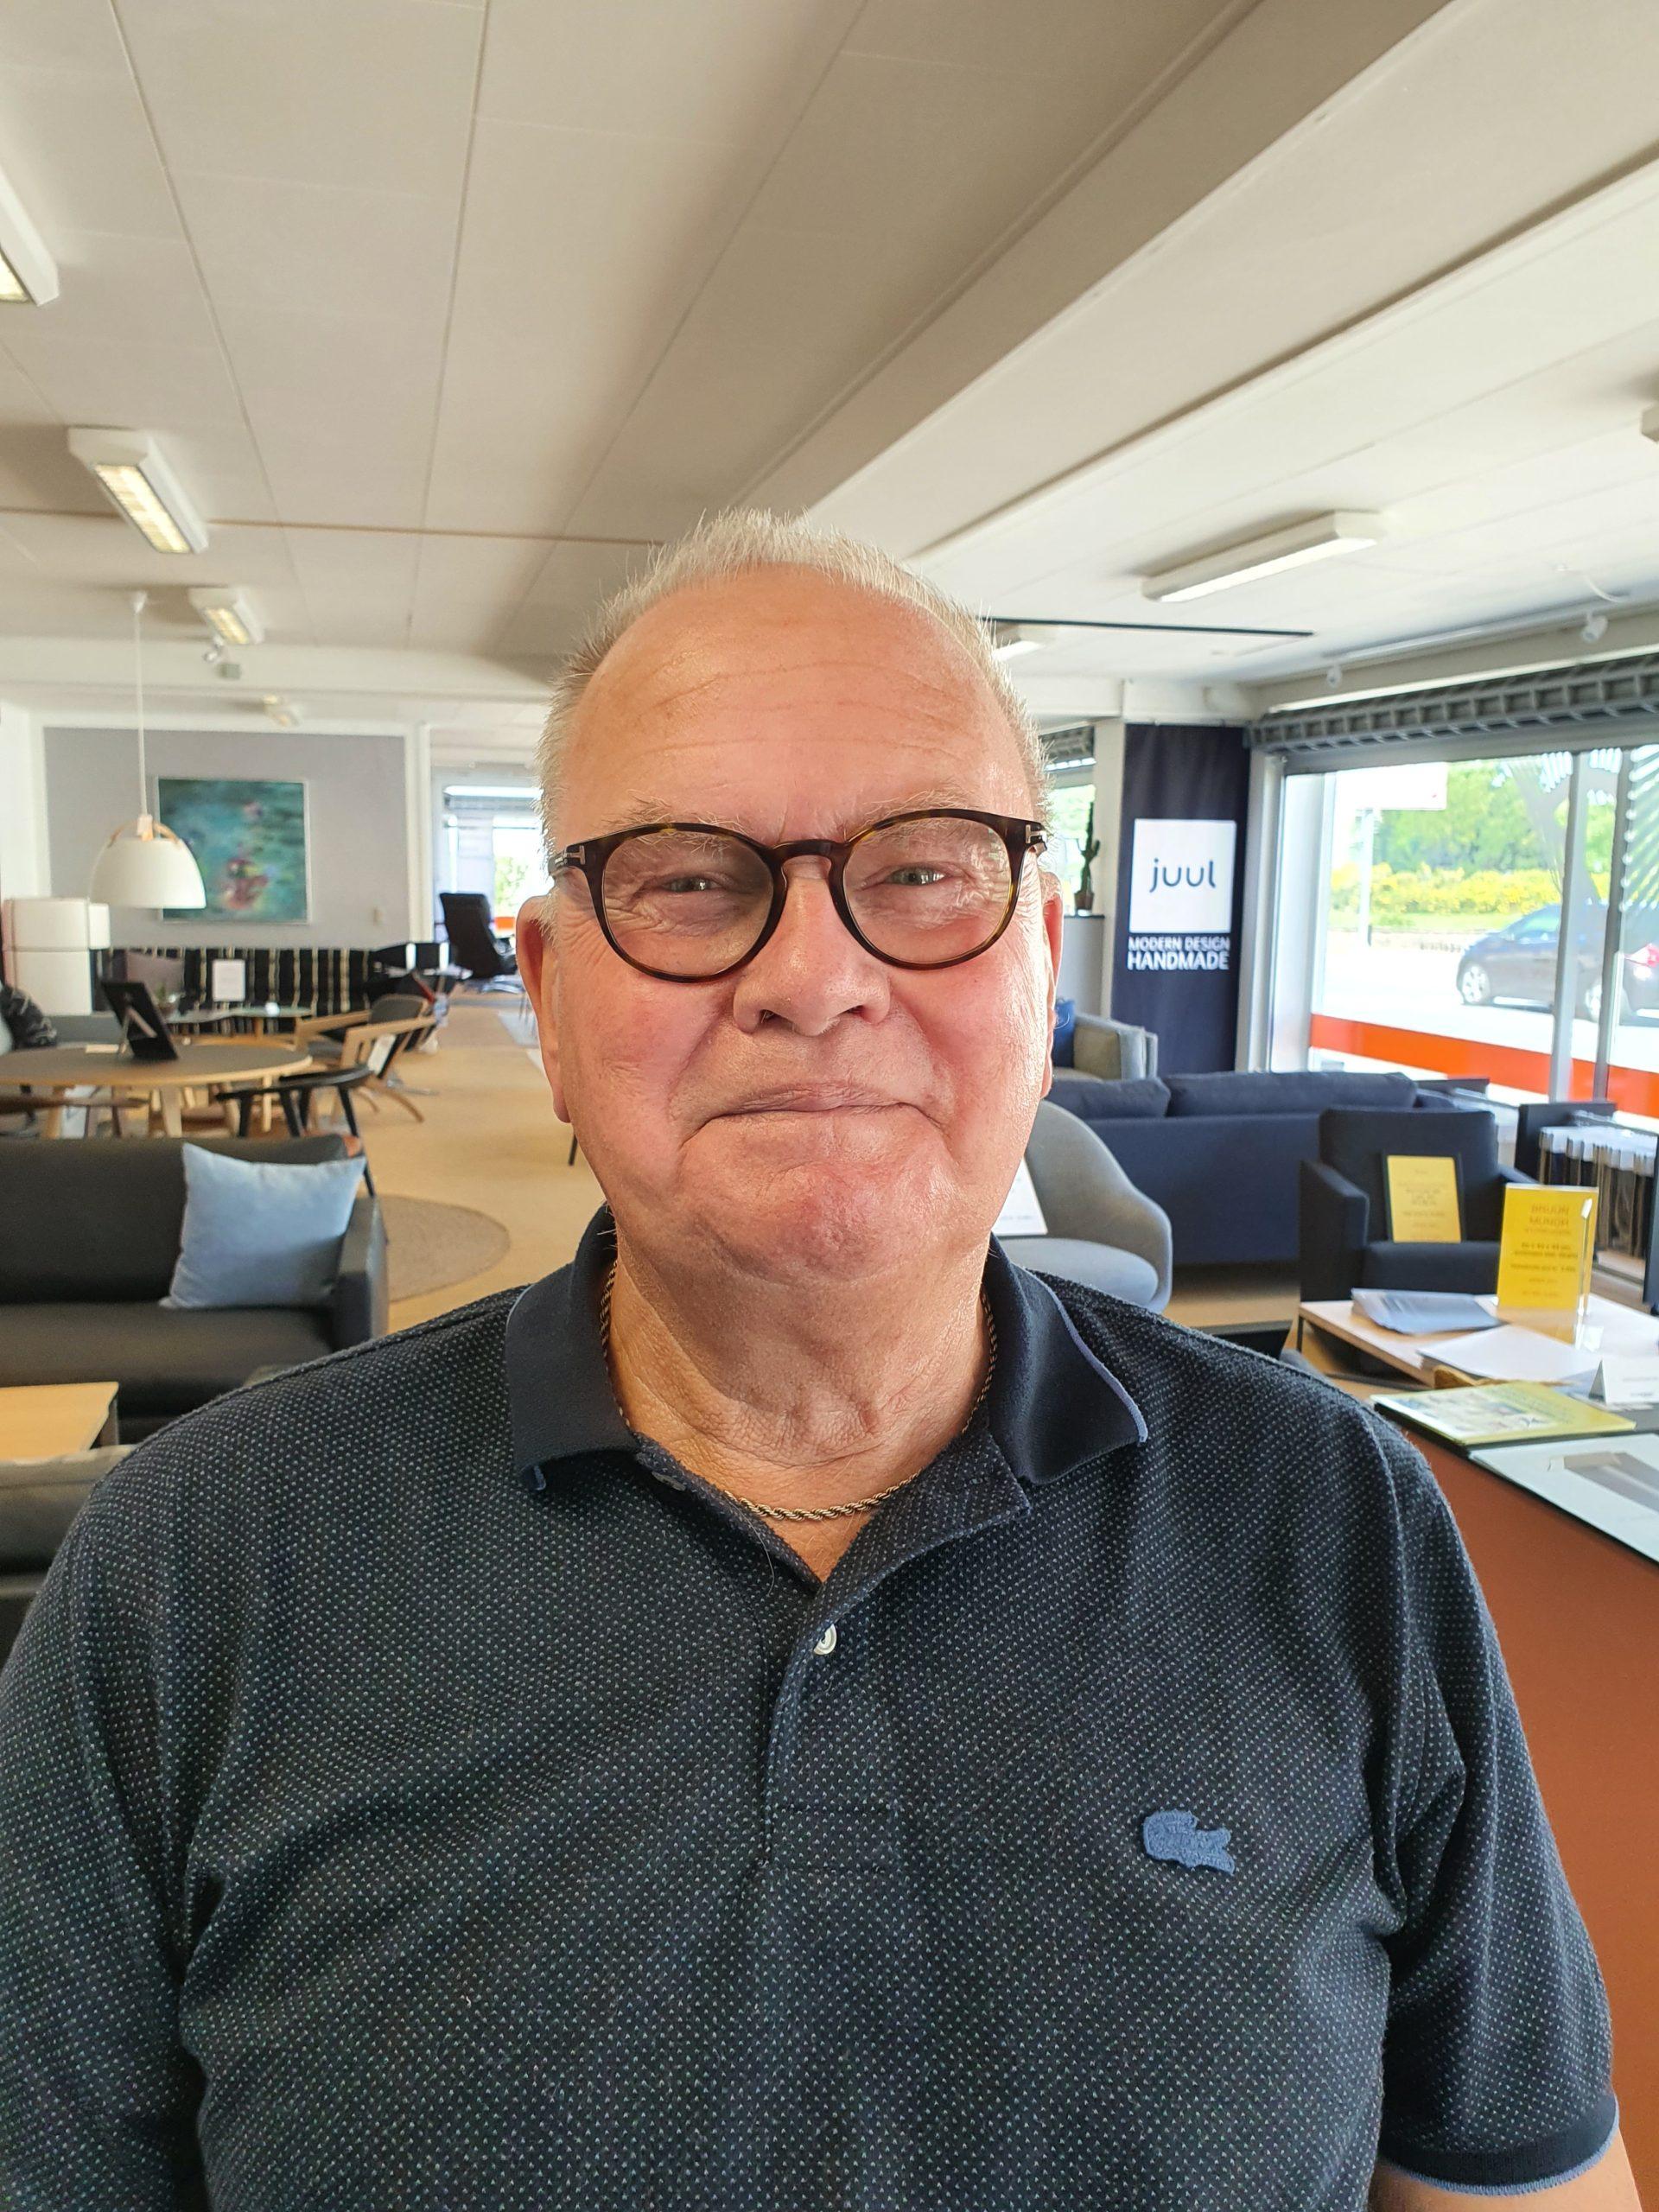 Jørgen Schaldemose